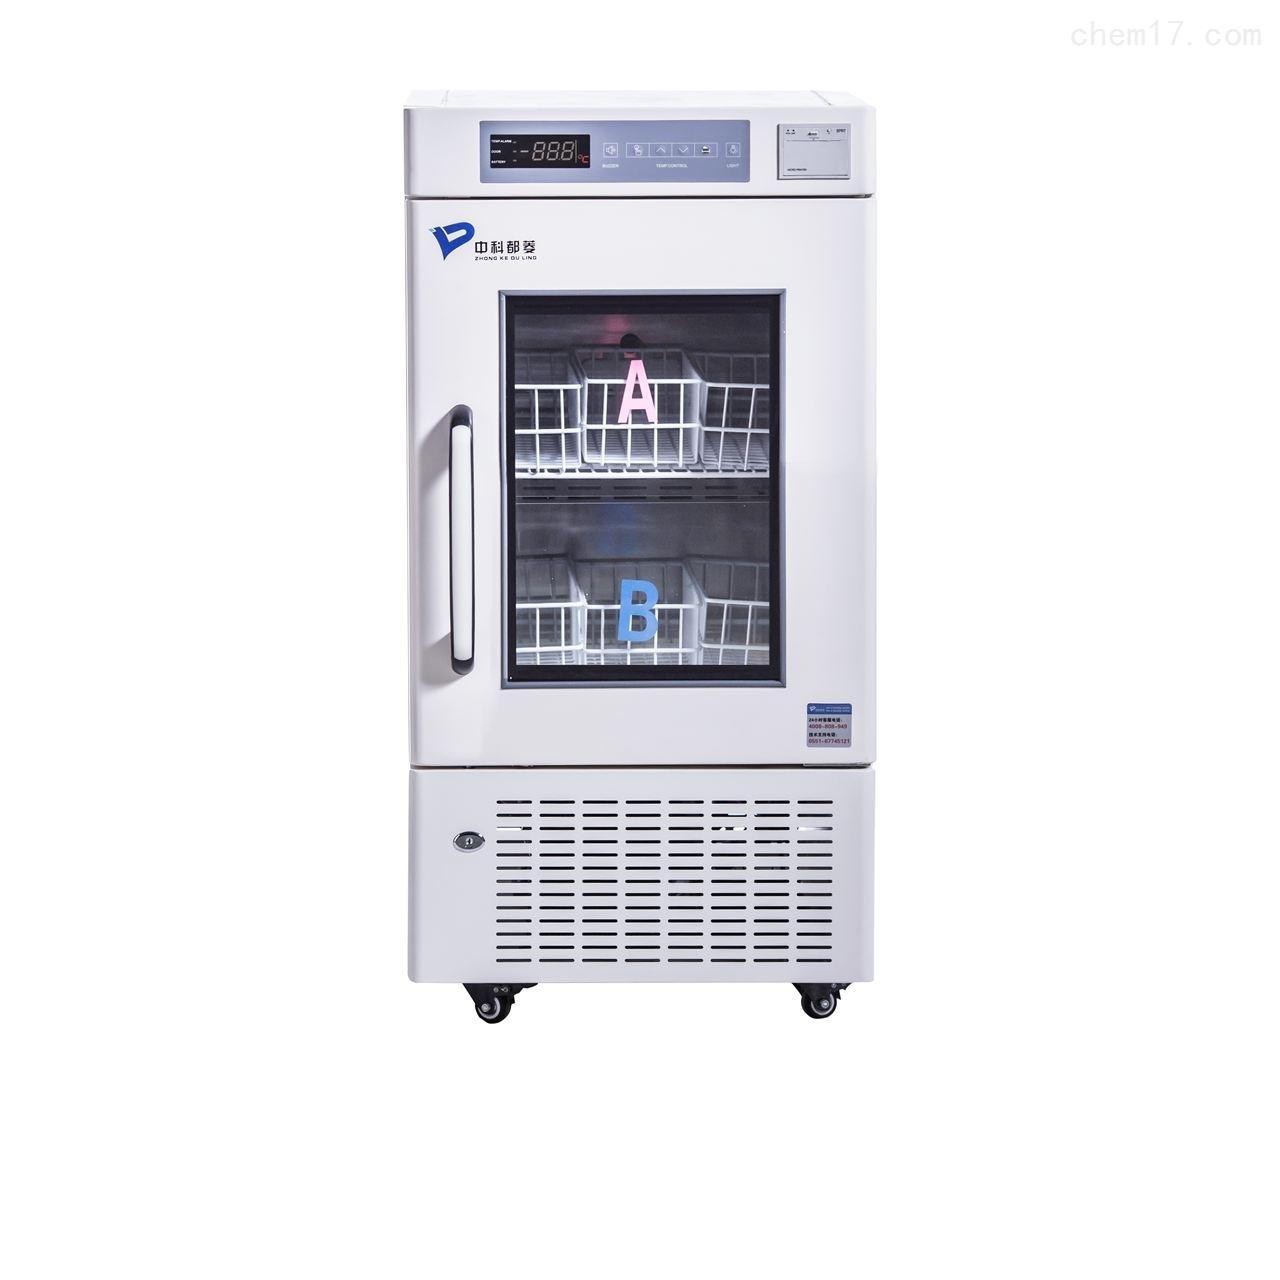 中科都菱 血液冷藏箱/血小板震荡保存箱